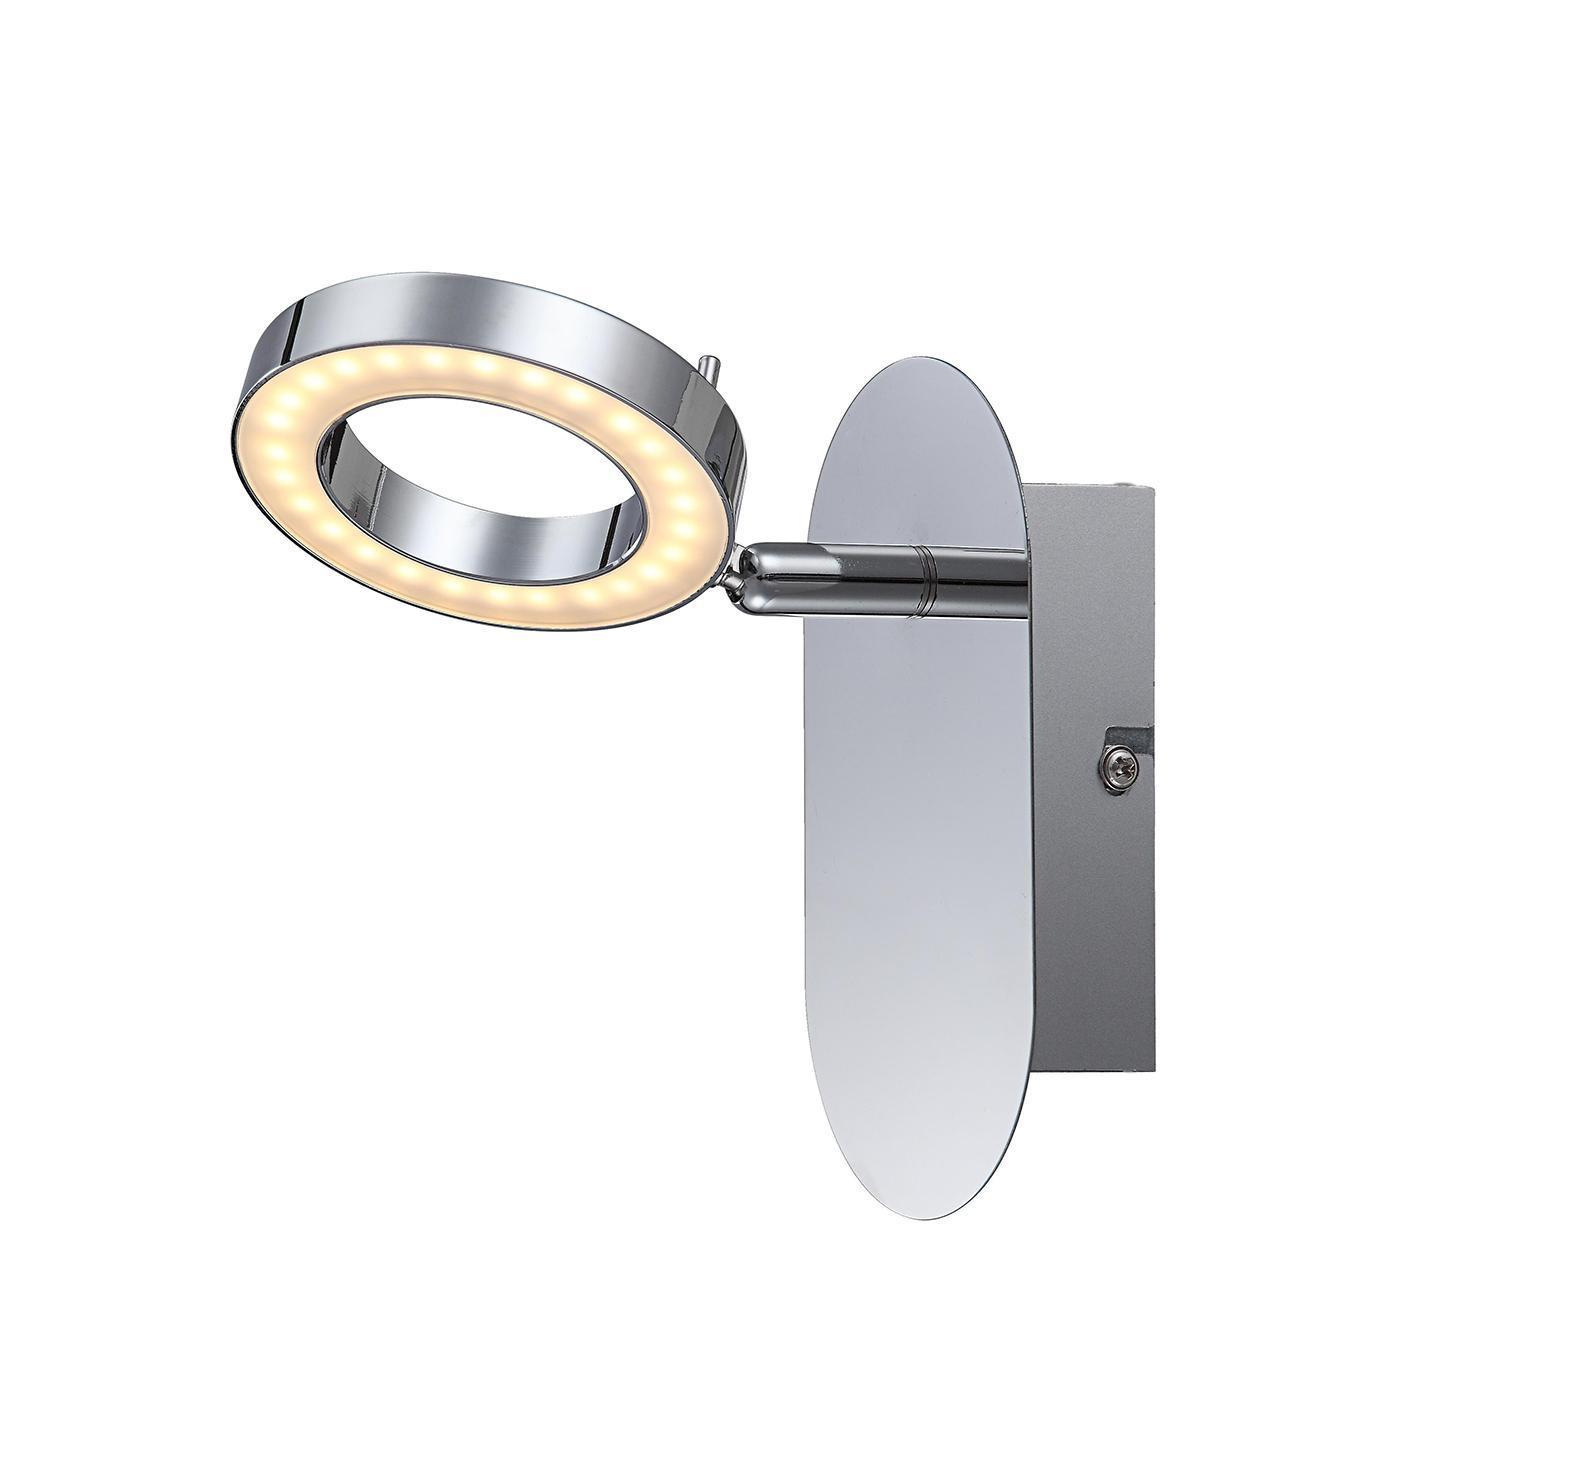 56107-1 ORELL Бра56107-1Подвесной светильник ORELL 56107-1 идеально подойдет для интерьеров в стиле модерн. Основные элементы светильника Globo Orell изготовлены из следующих материалов: металл, акрил.